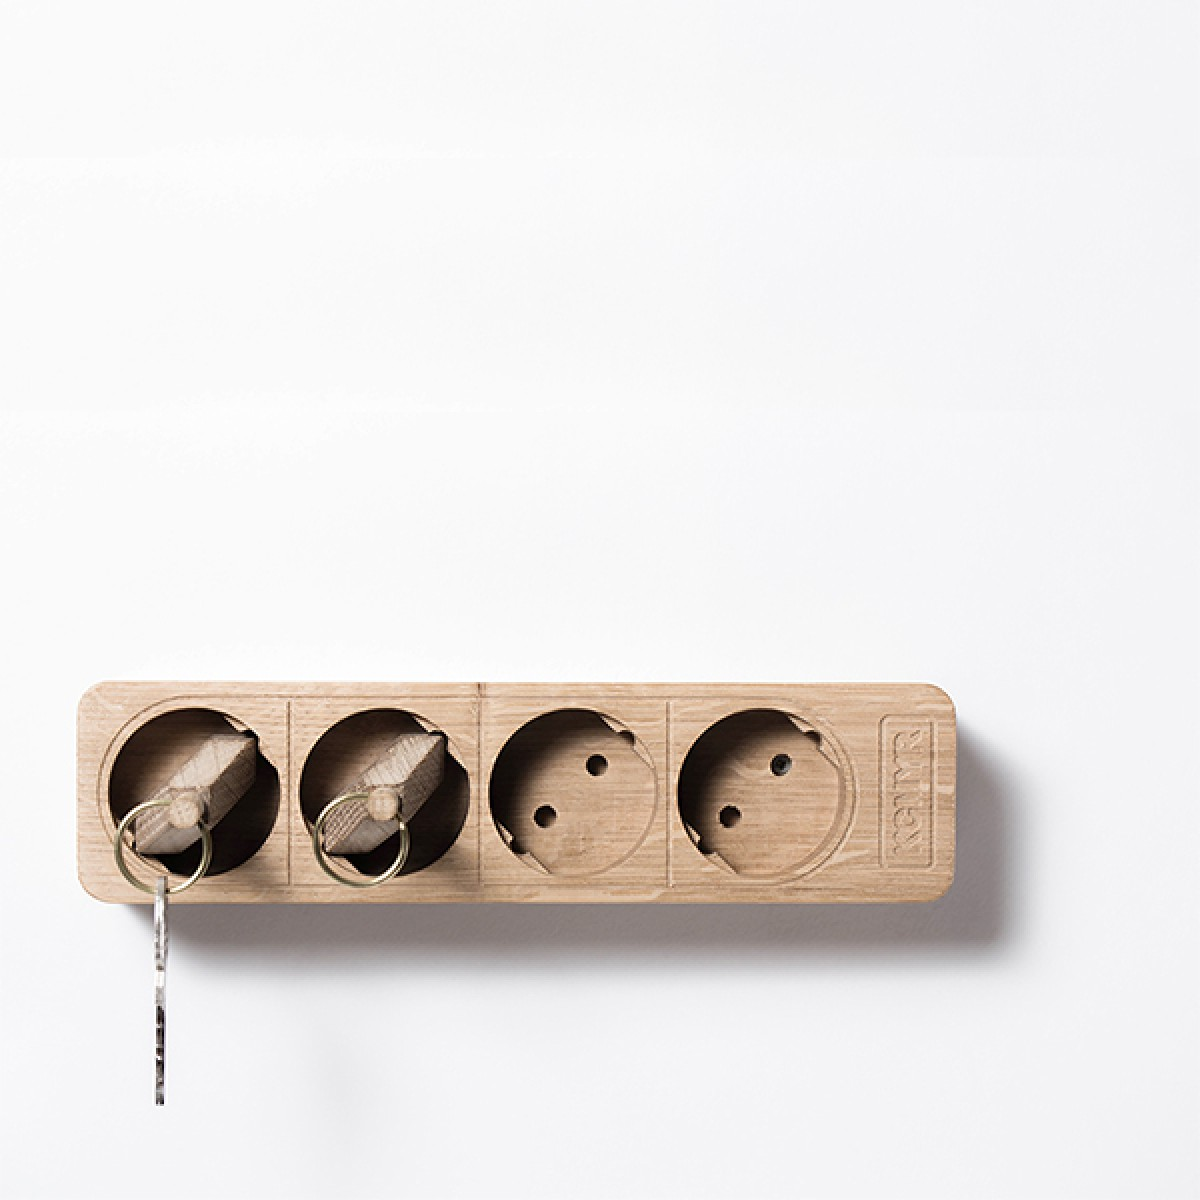 Kitschcanmakeyourich boris stecker schl sselbrett backup for Industriedesign essen